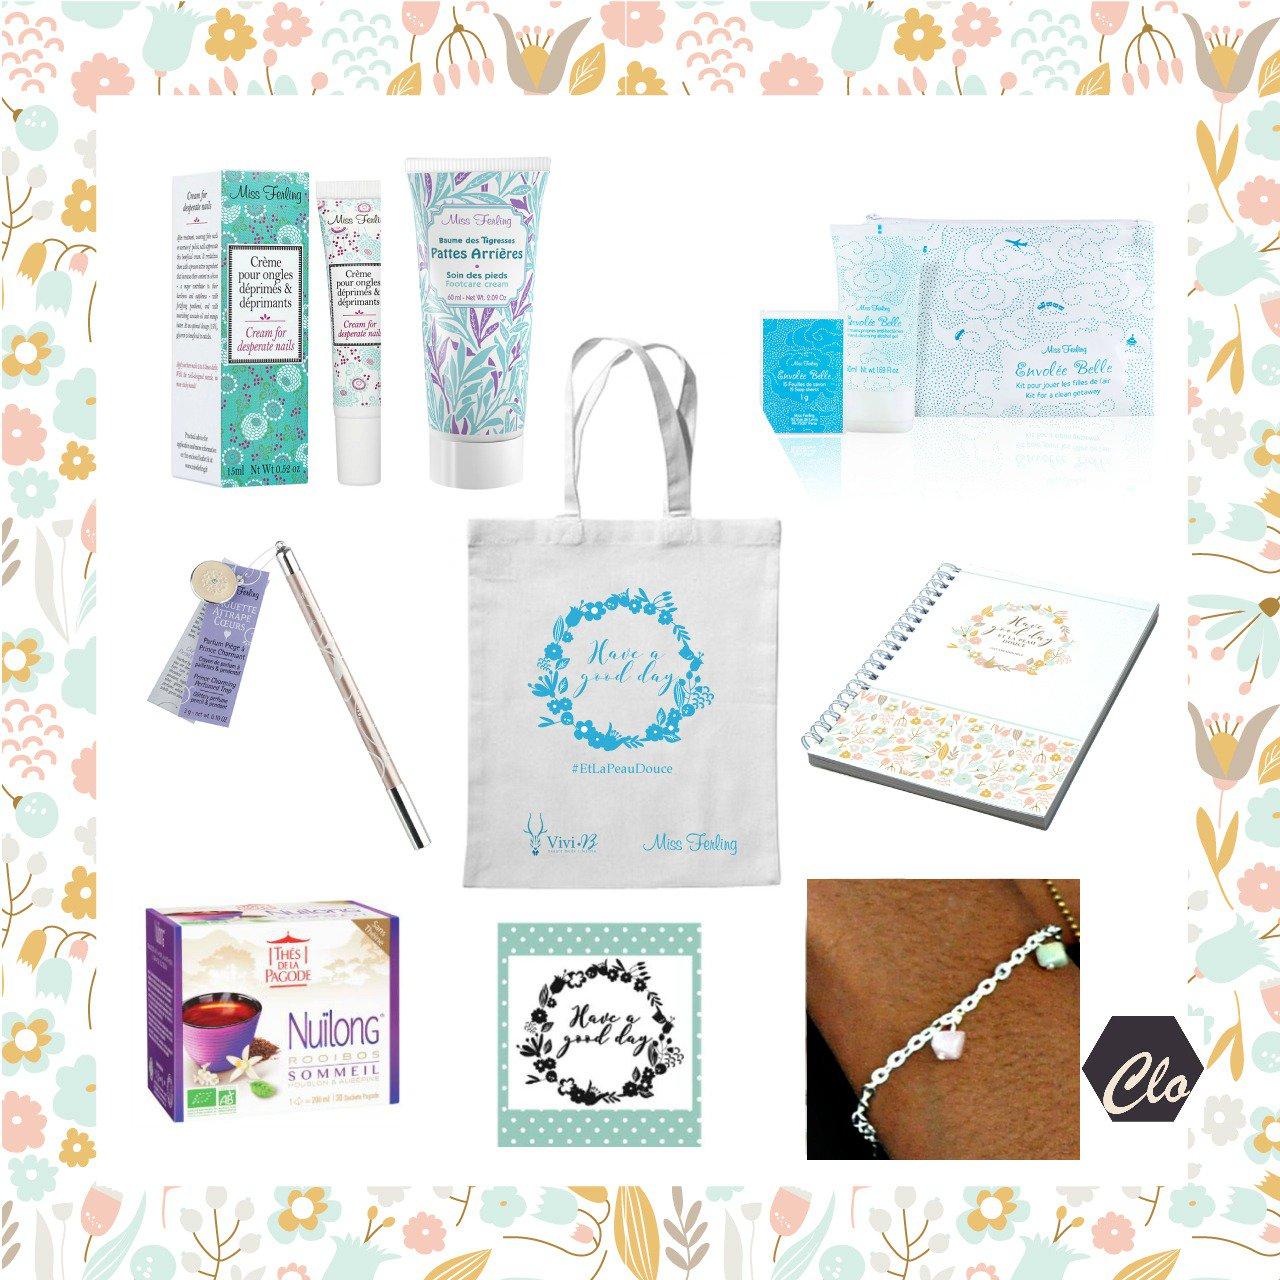 Les Papotages de Nana - Blogger for a cause